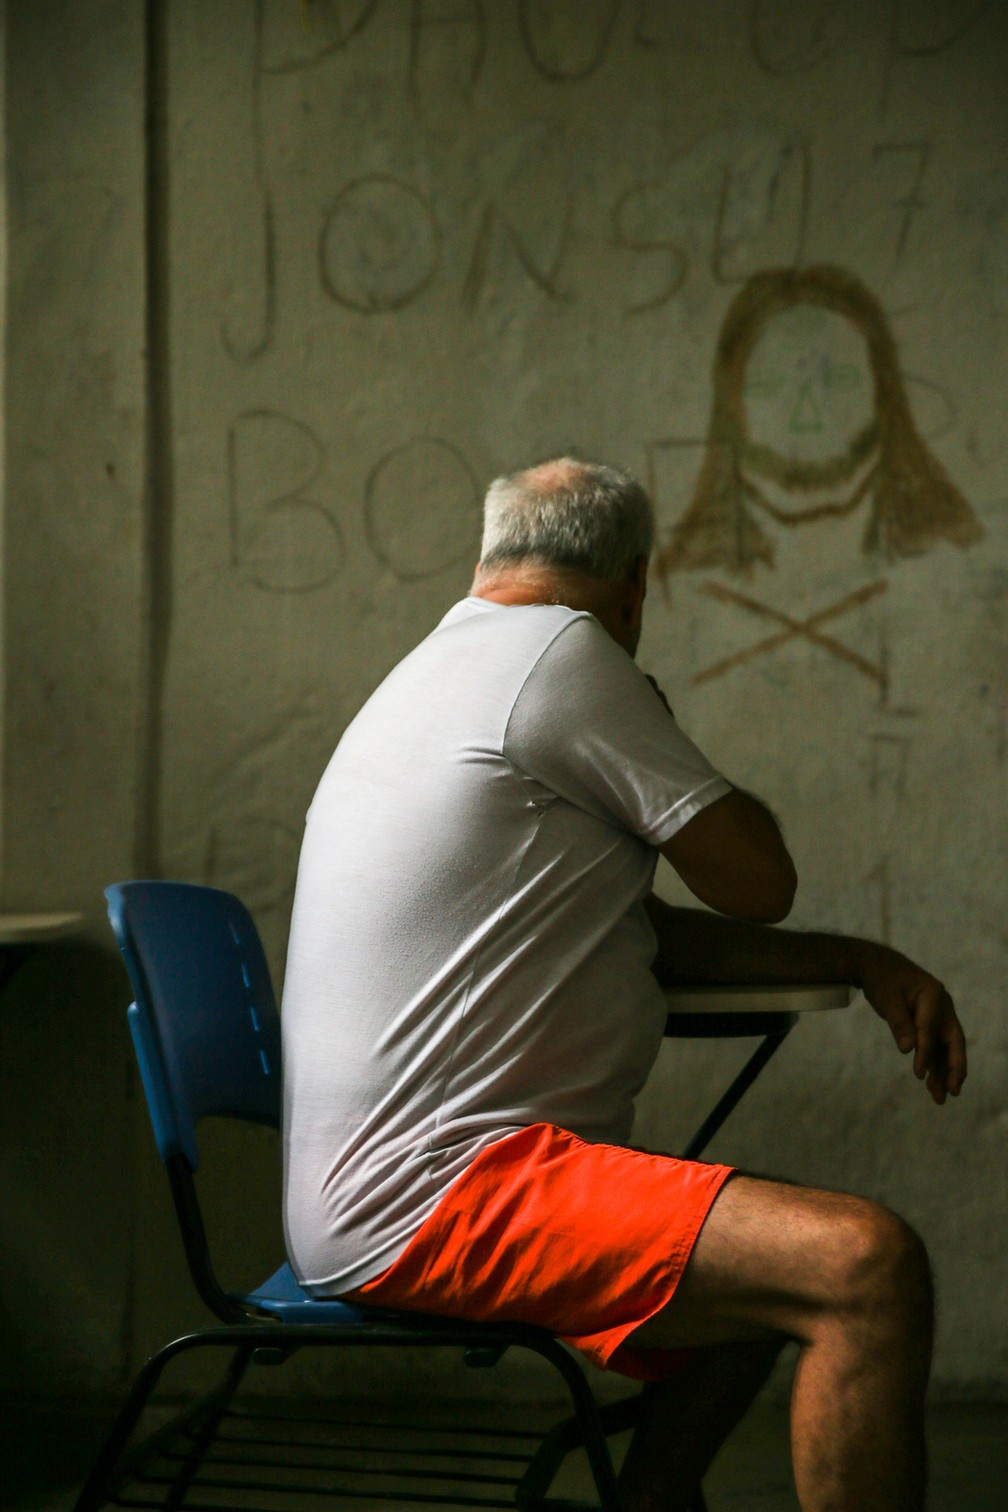 Estados têm reduzido o número de presos em delegacias; superlotação nos presídios, porém, continua alta — Foto: Natinho Rodrigues/TV Verdes Mares